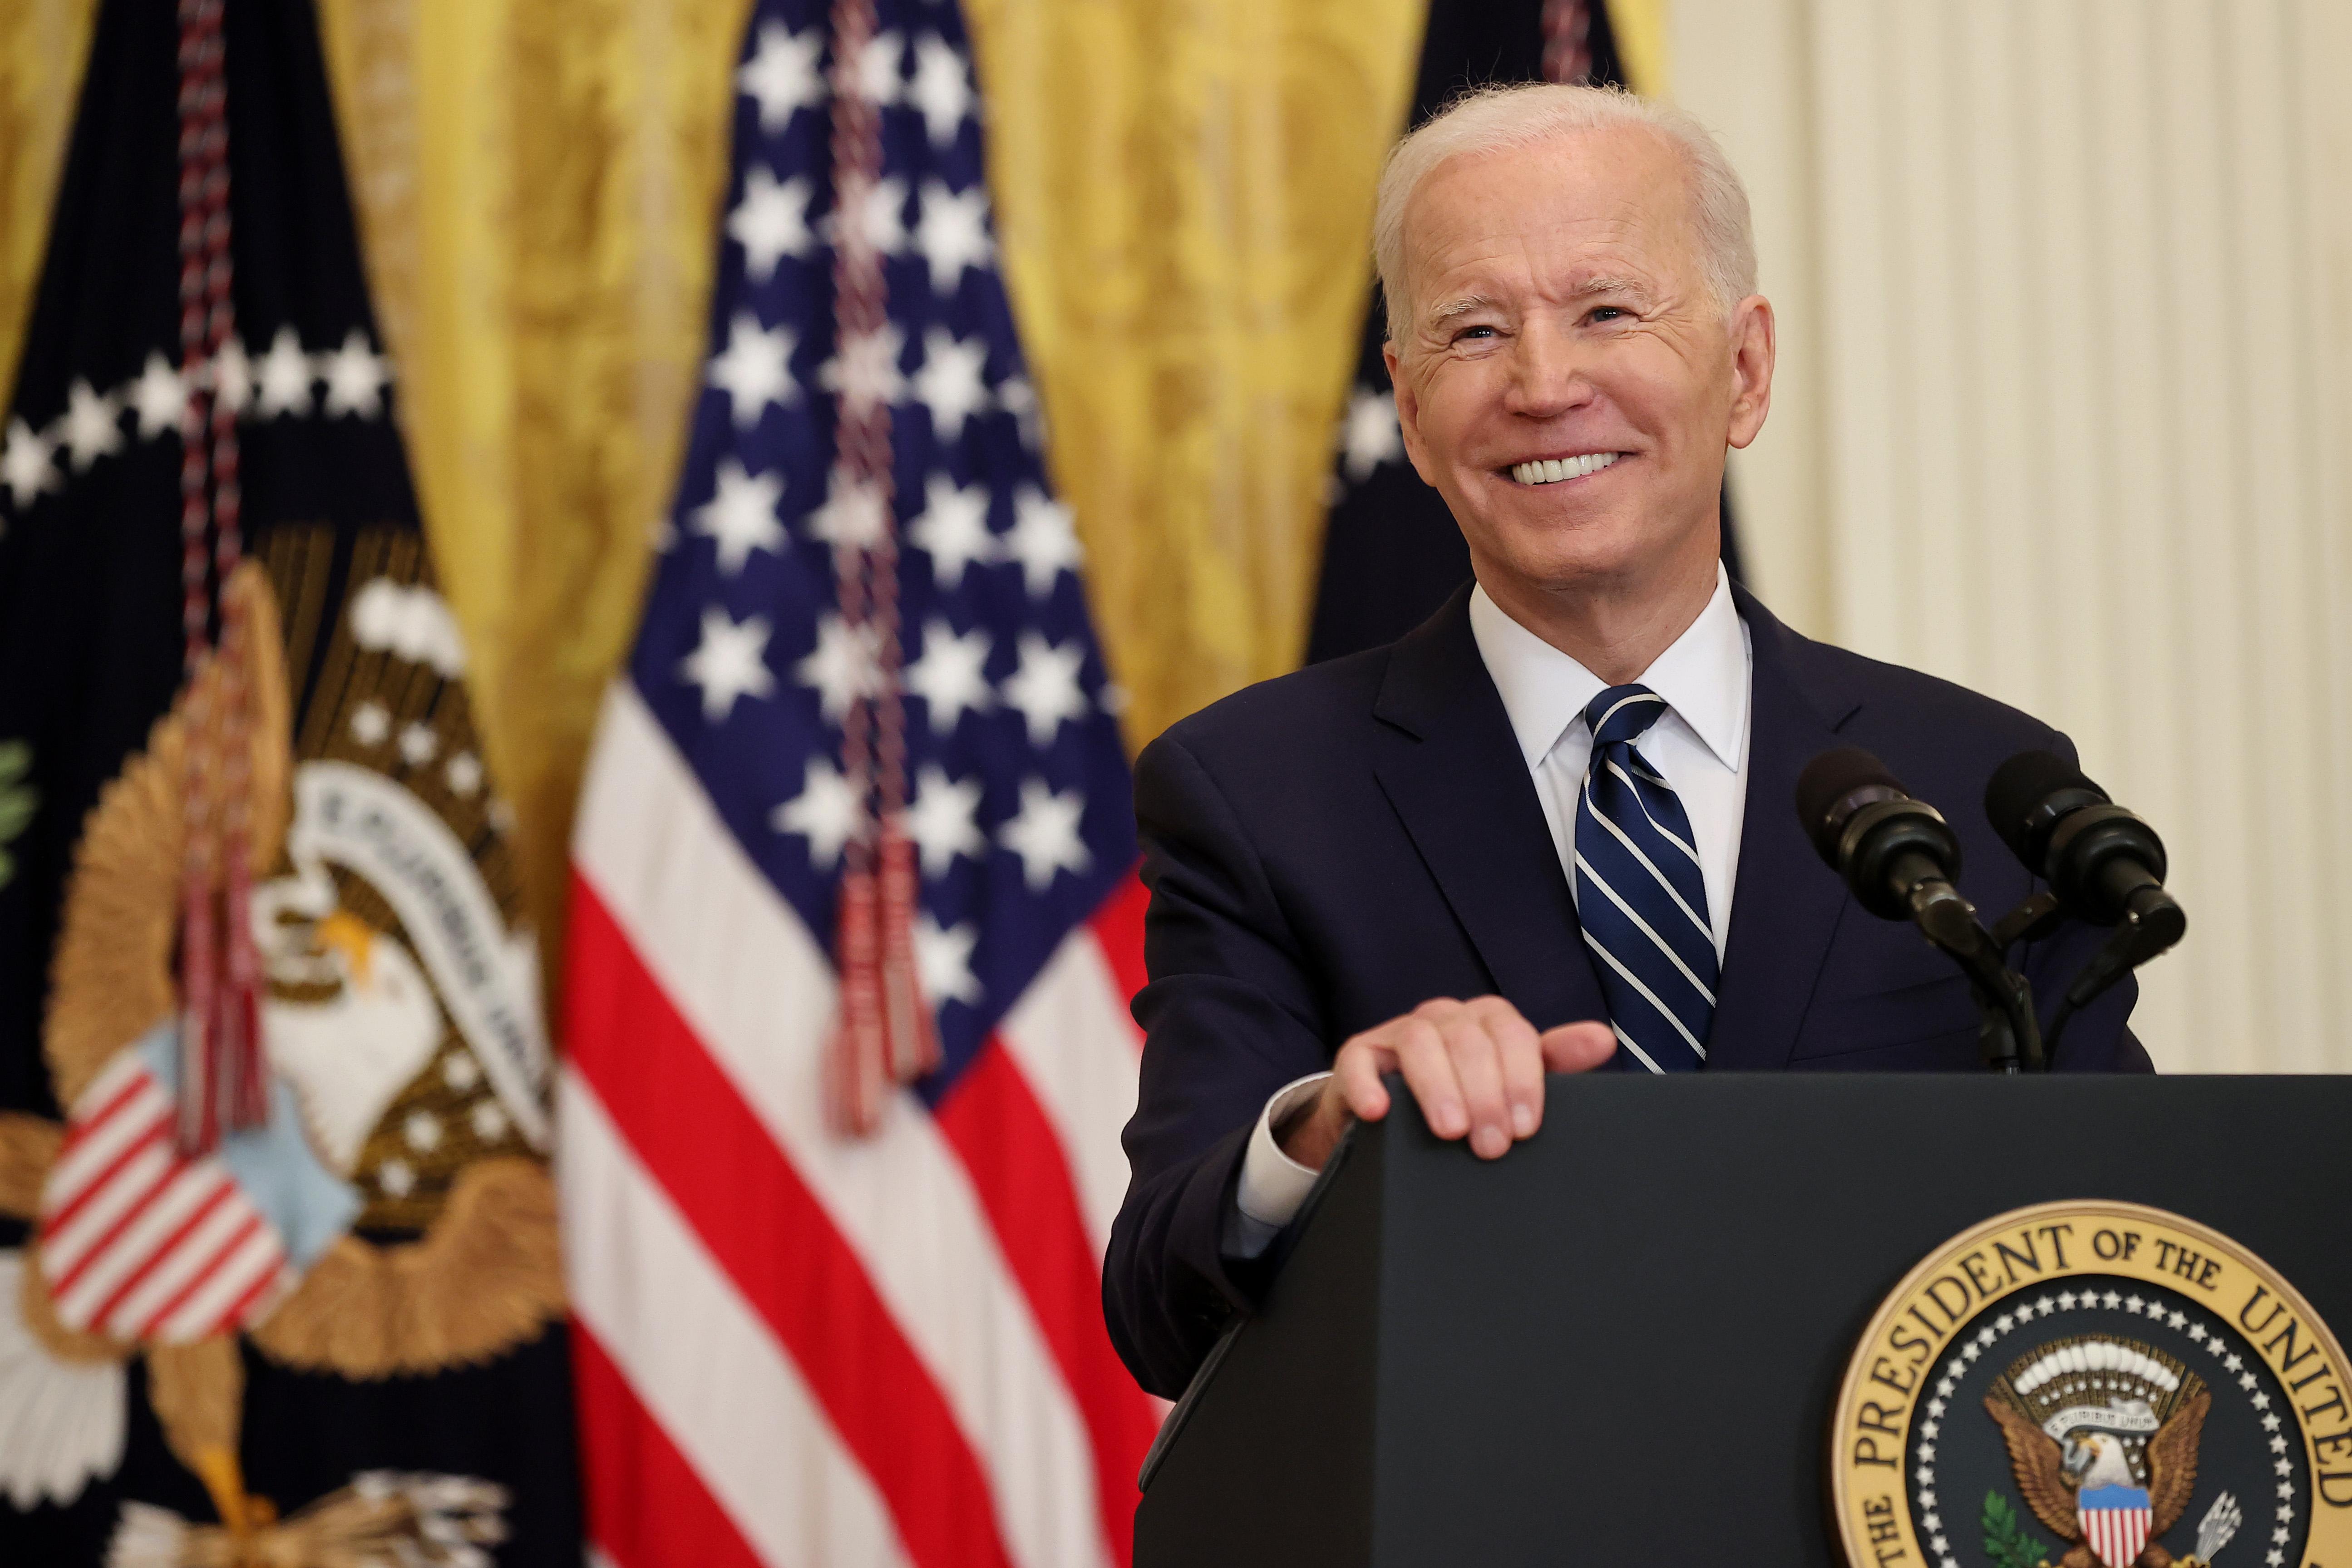 El presidente estadounidense Joe Biden sonríe durante la primera conferencia de prensa de su presidencia en el East Room de la Casa Blanca el 25 de marzo de 2021 en Washington, DC.